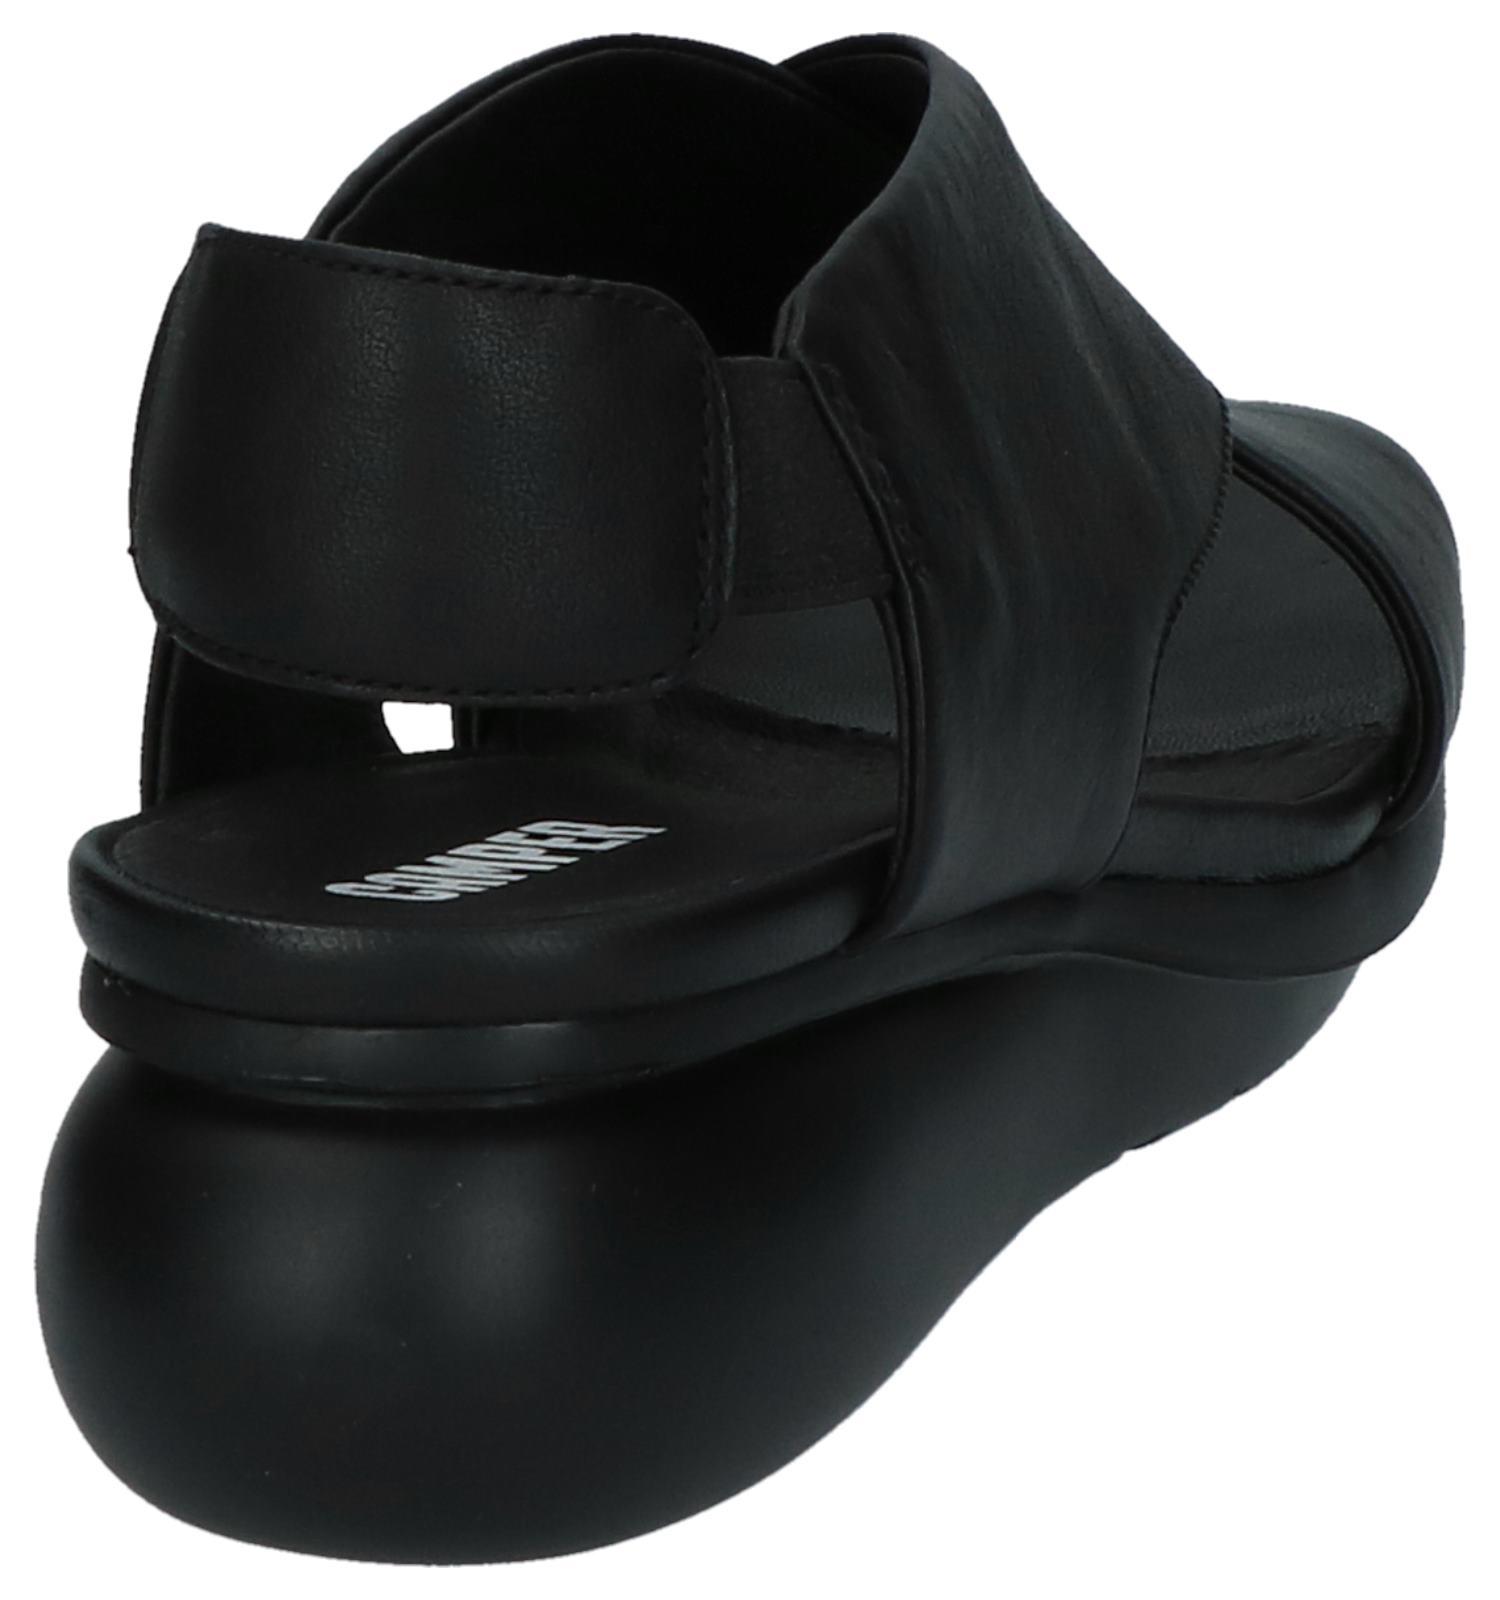 Sandalen Zwart Zwart Sandalen Zwart Camper Camper Comfortabele Comfortabele Comfortabele Sandalen TFKcl31J